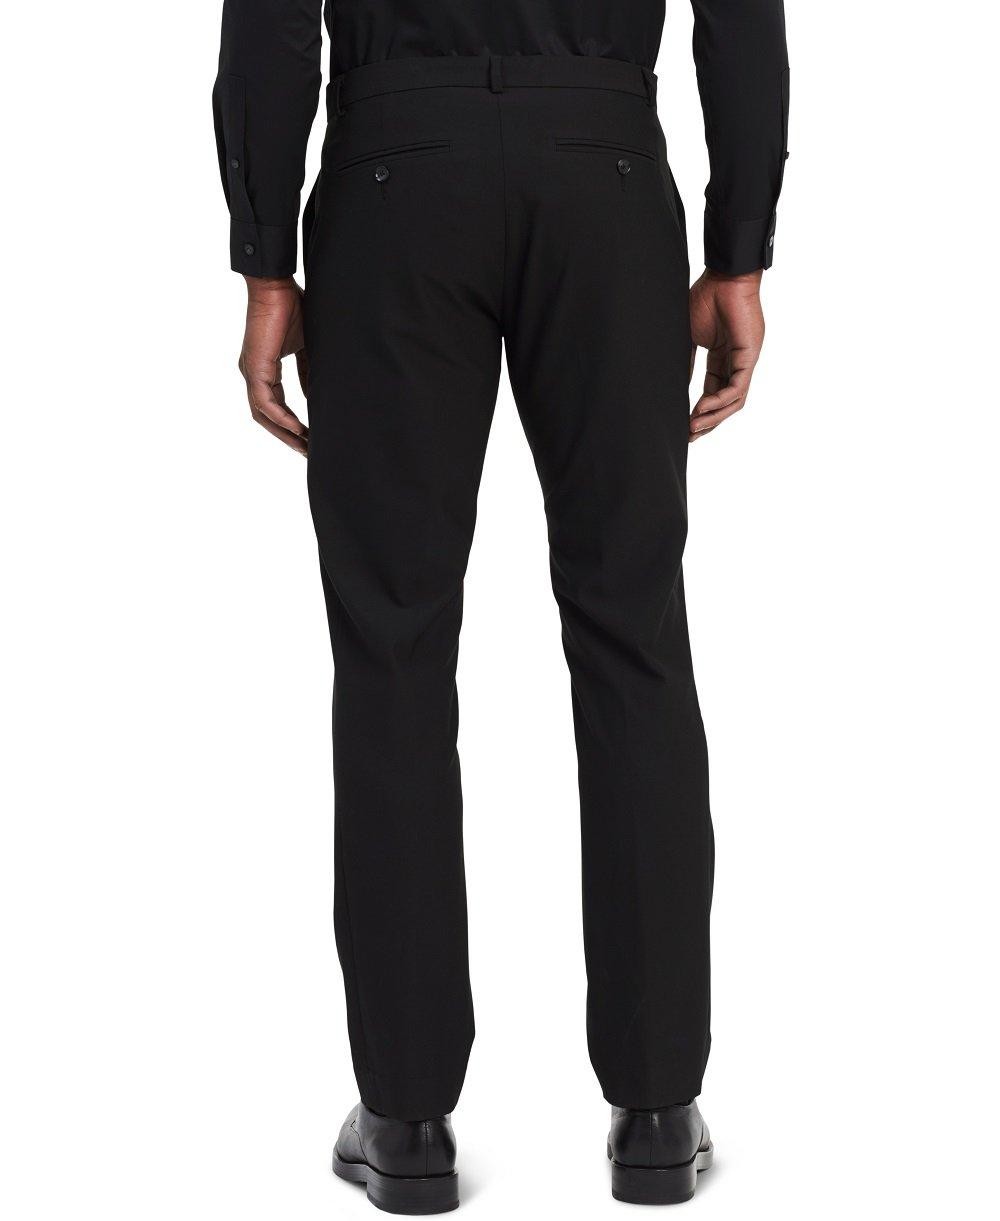 Calvin Klein Men's Infinite End Bi-Stretch Pants, Black, 38W 34L by Calvin Klein Jeans (Image #2)